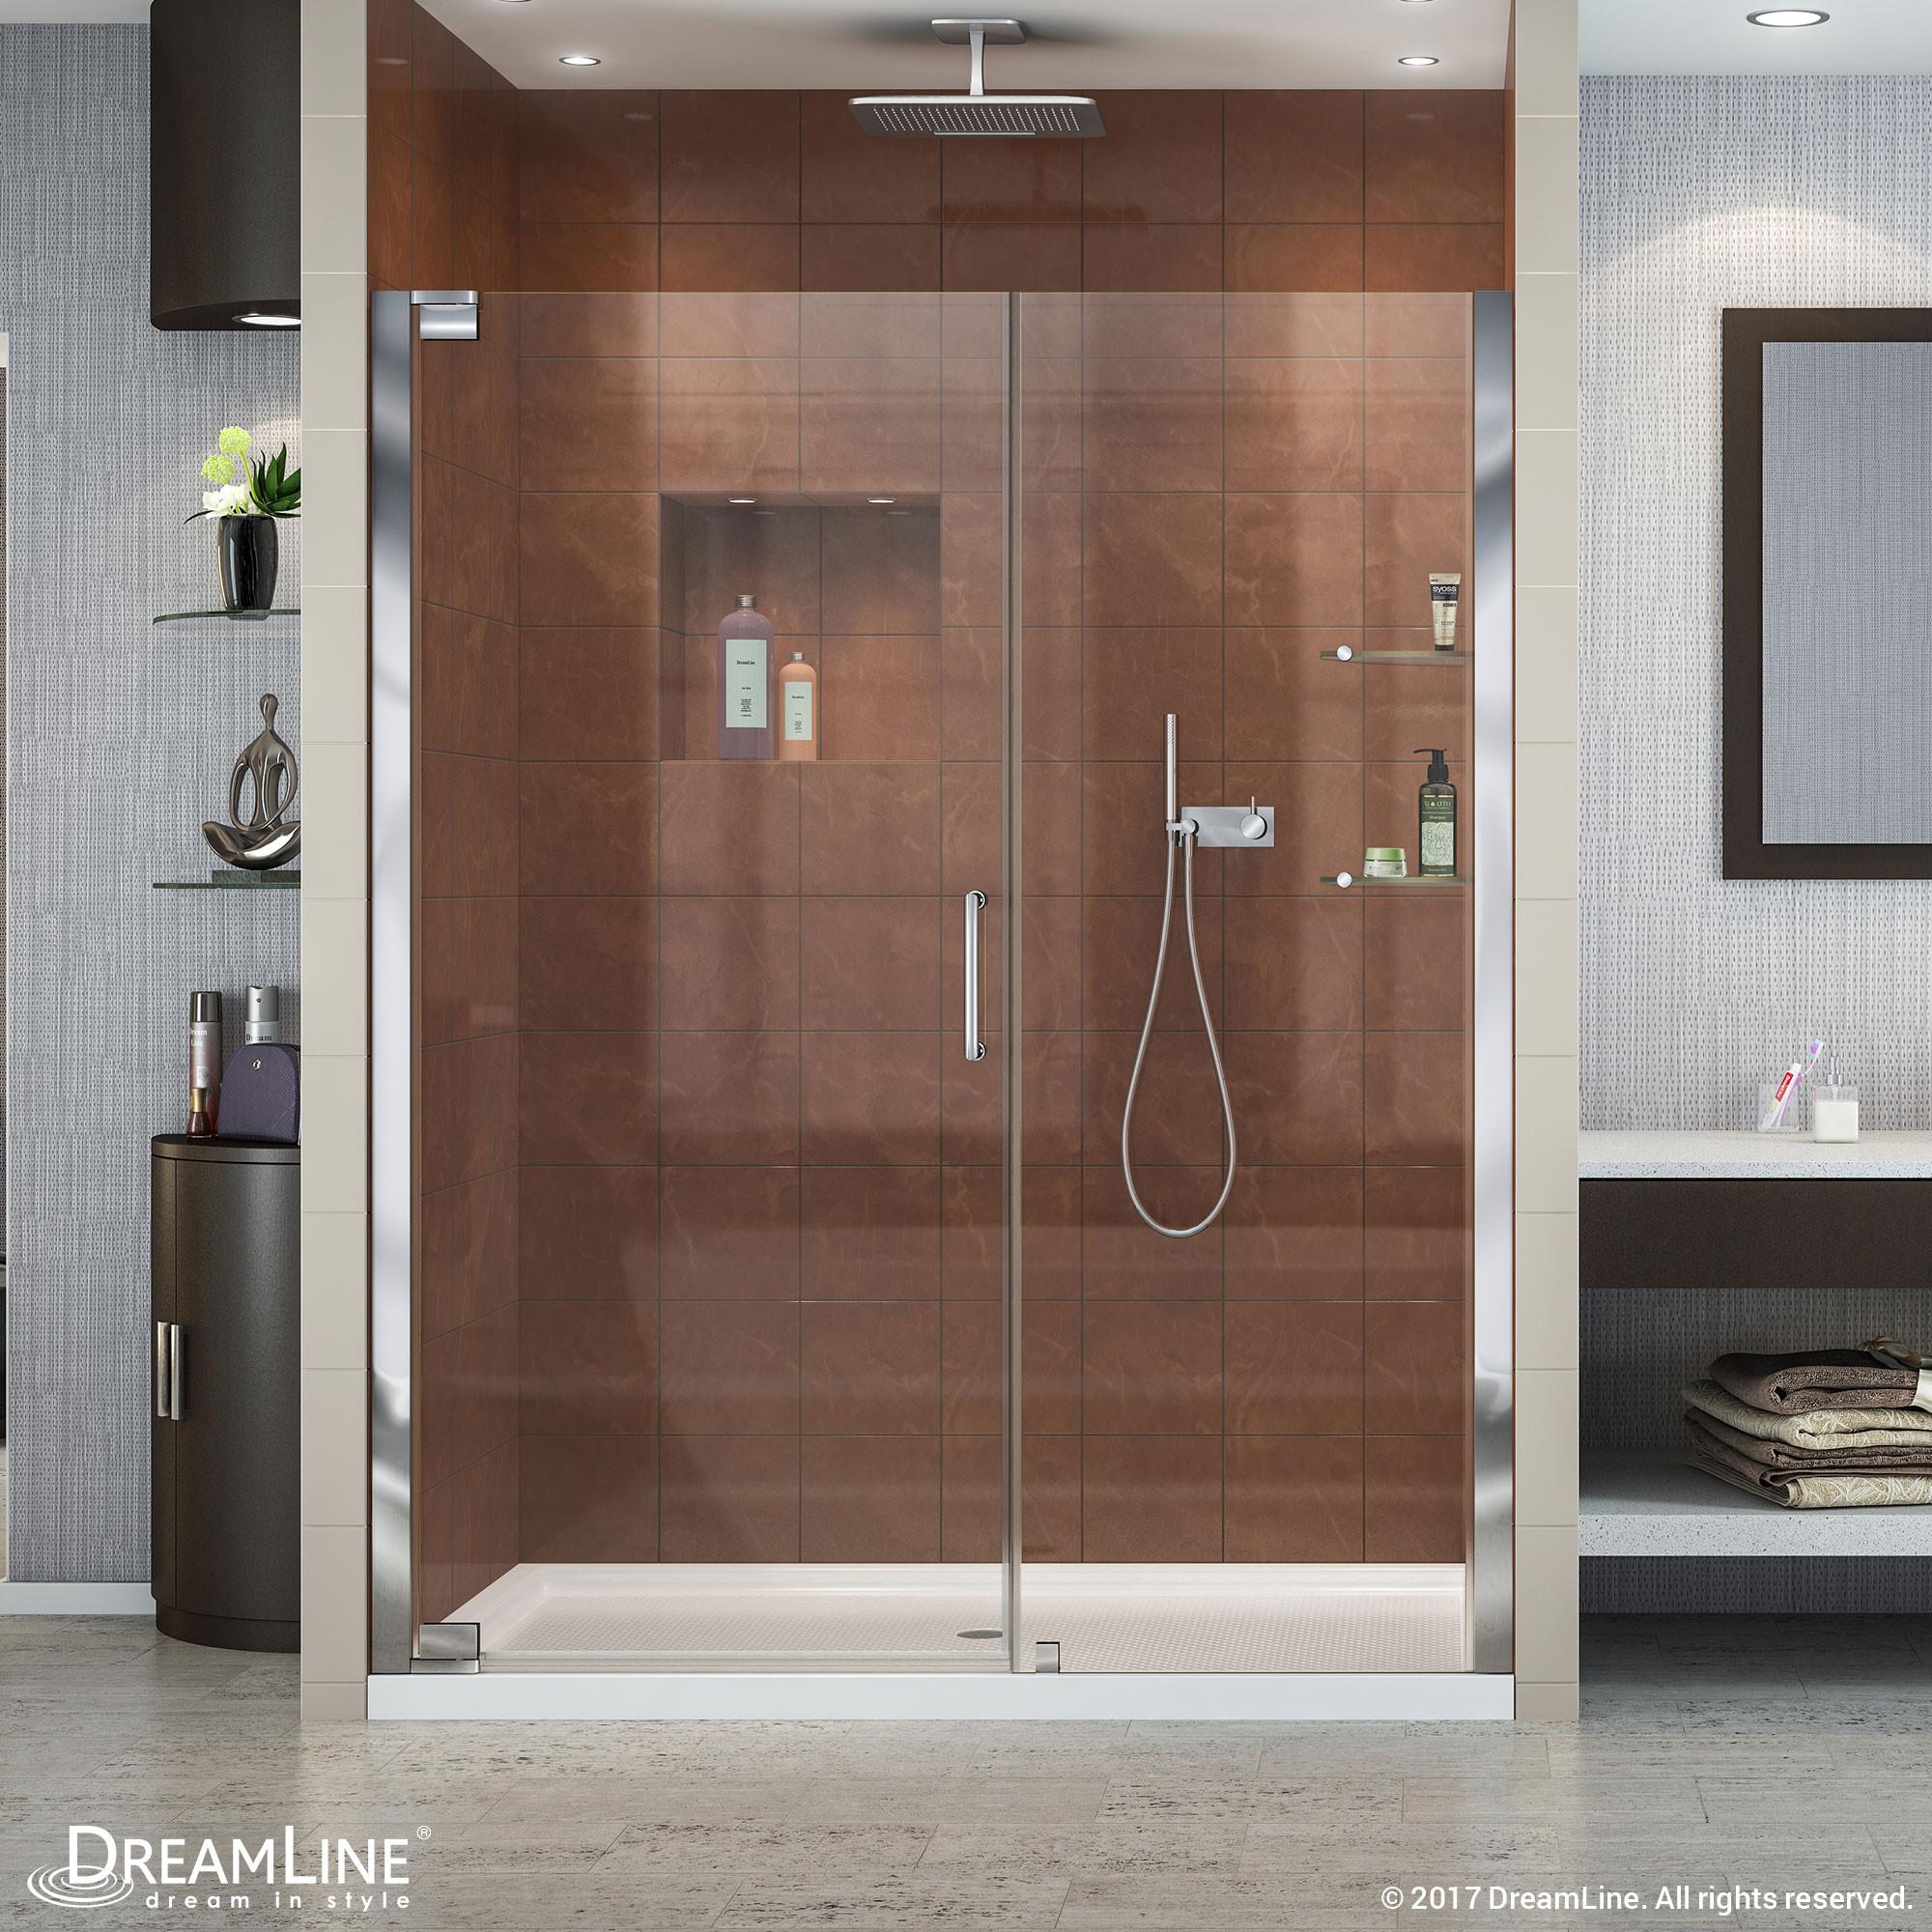 """Dreamline SHDR-4159720 Elegance 59 3/4 to 61 3/4"""" Frameless Pivot Shower Door"""